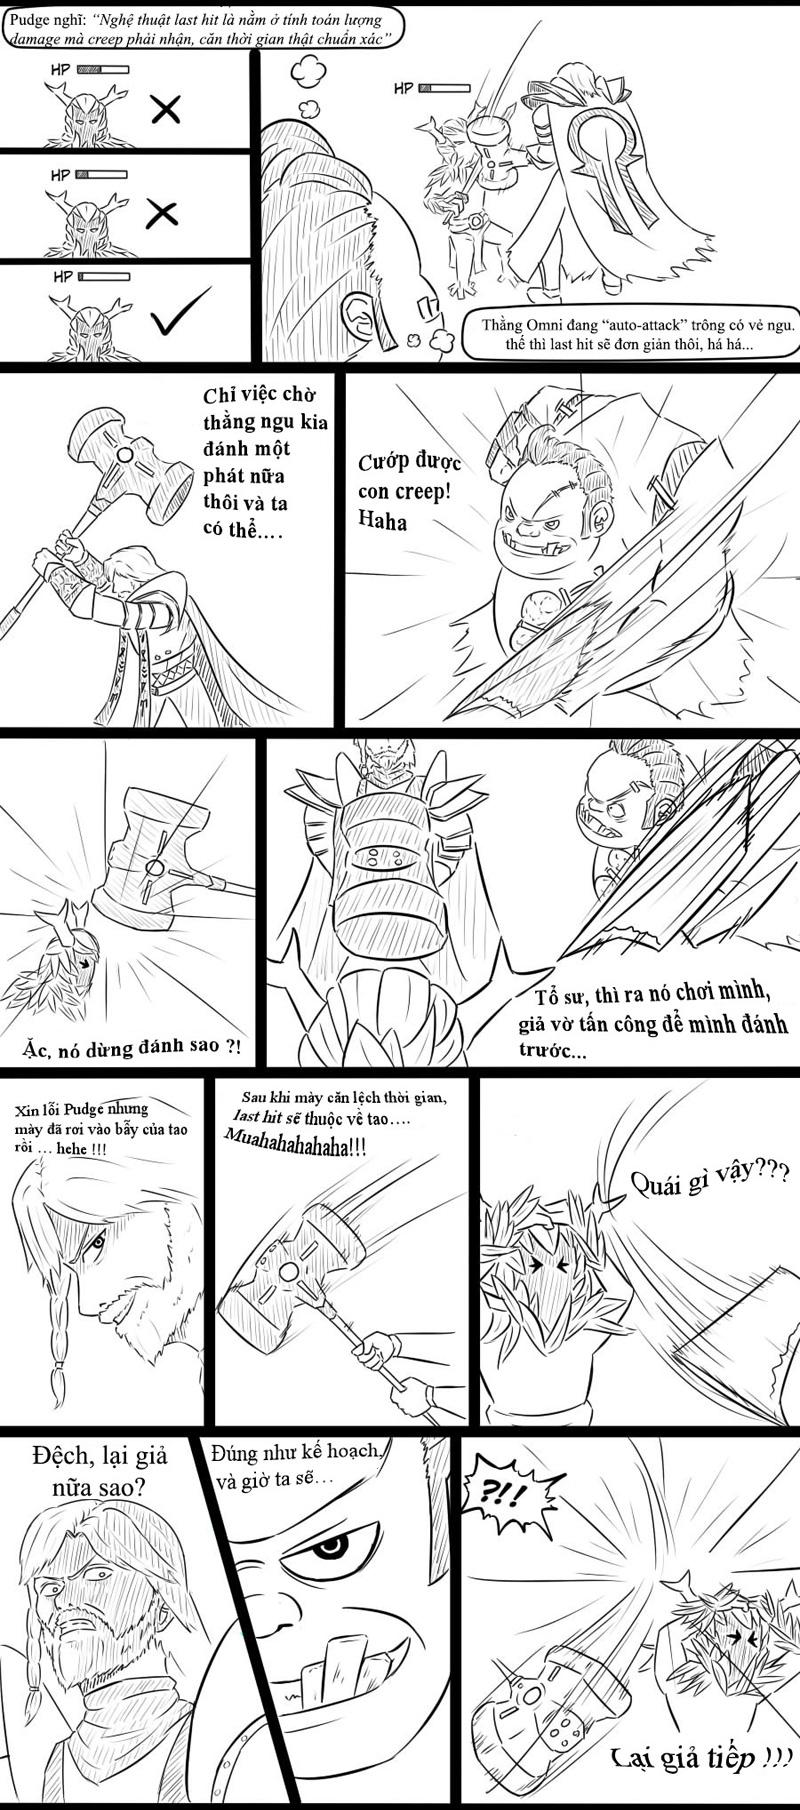 Comic: Nghệ thuật last hit trong Dota 2